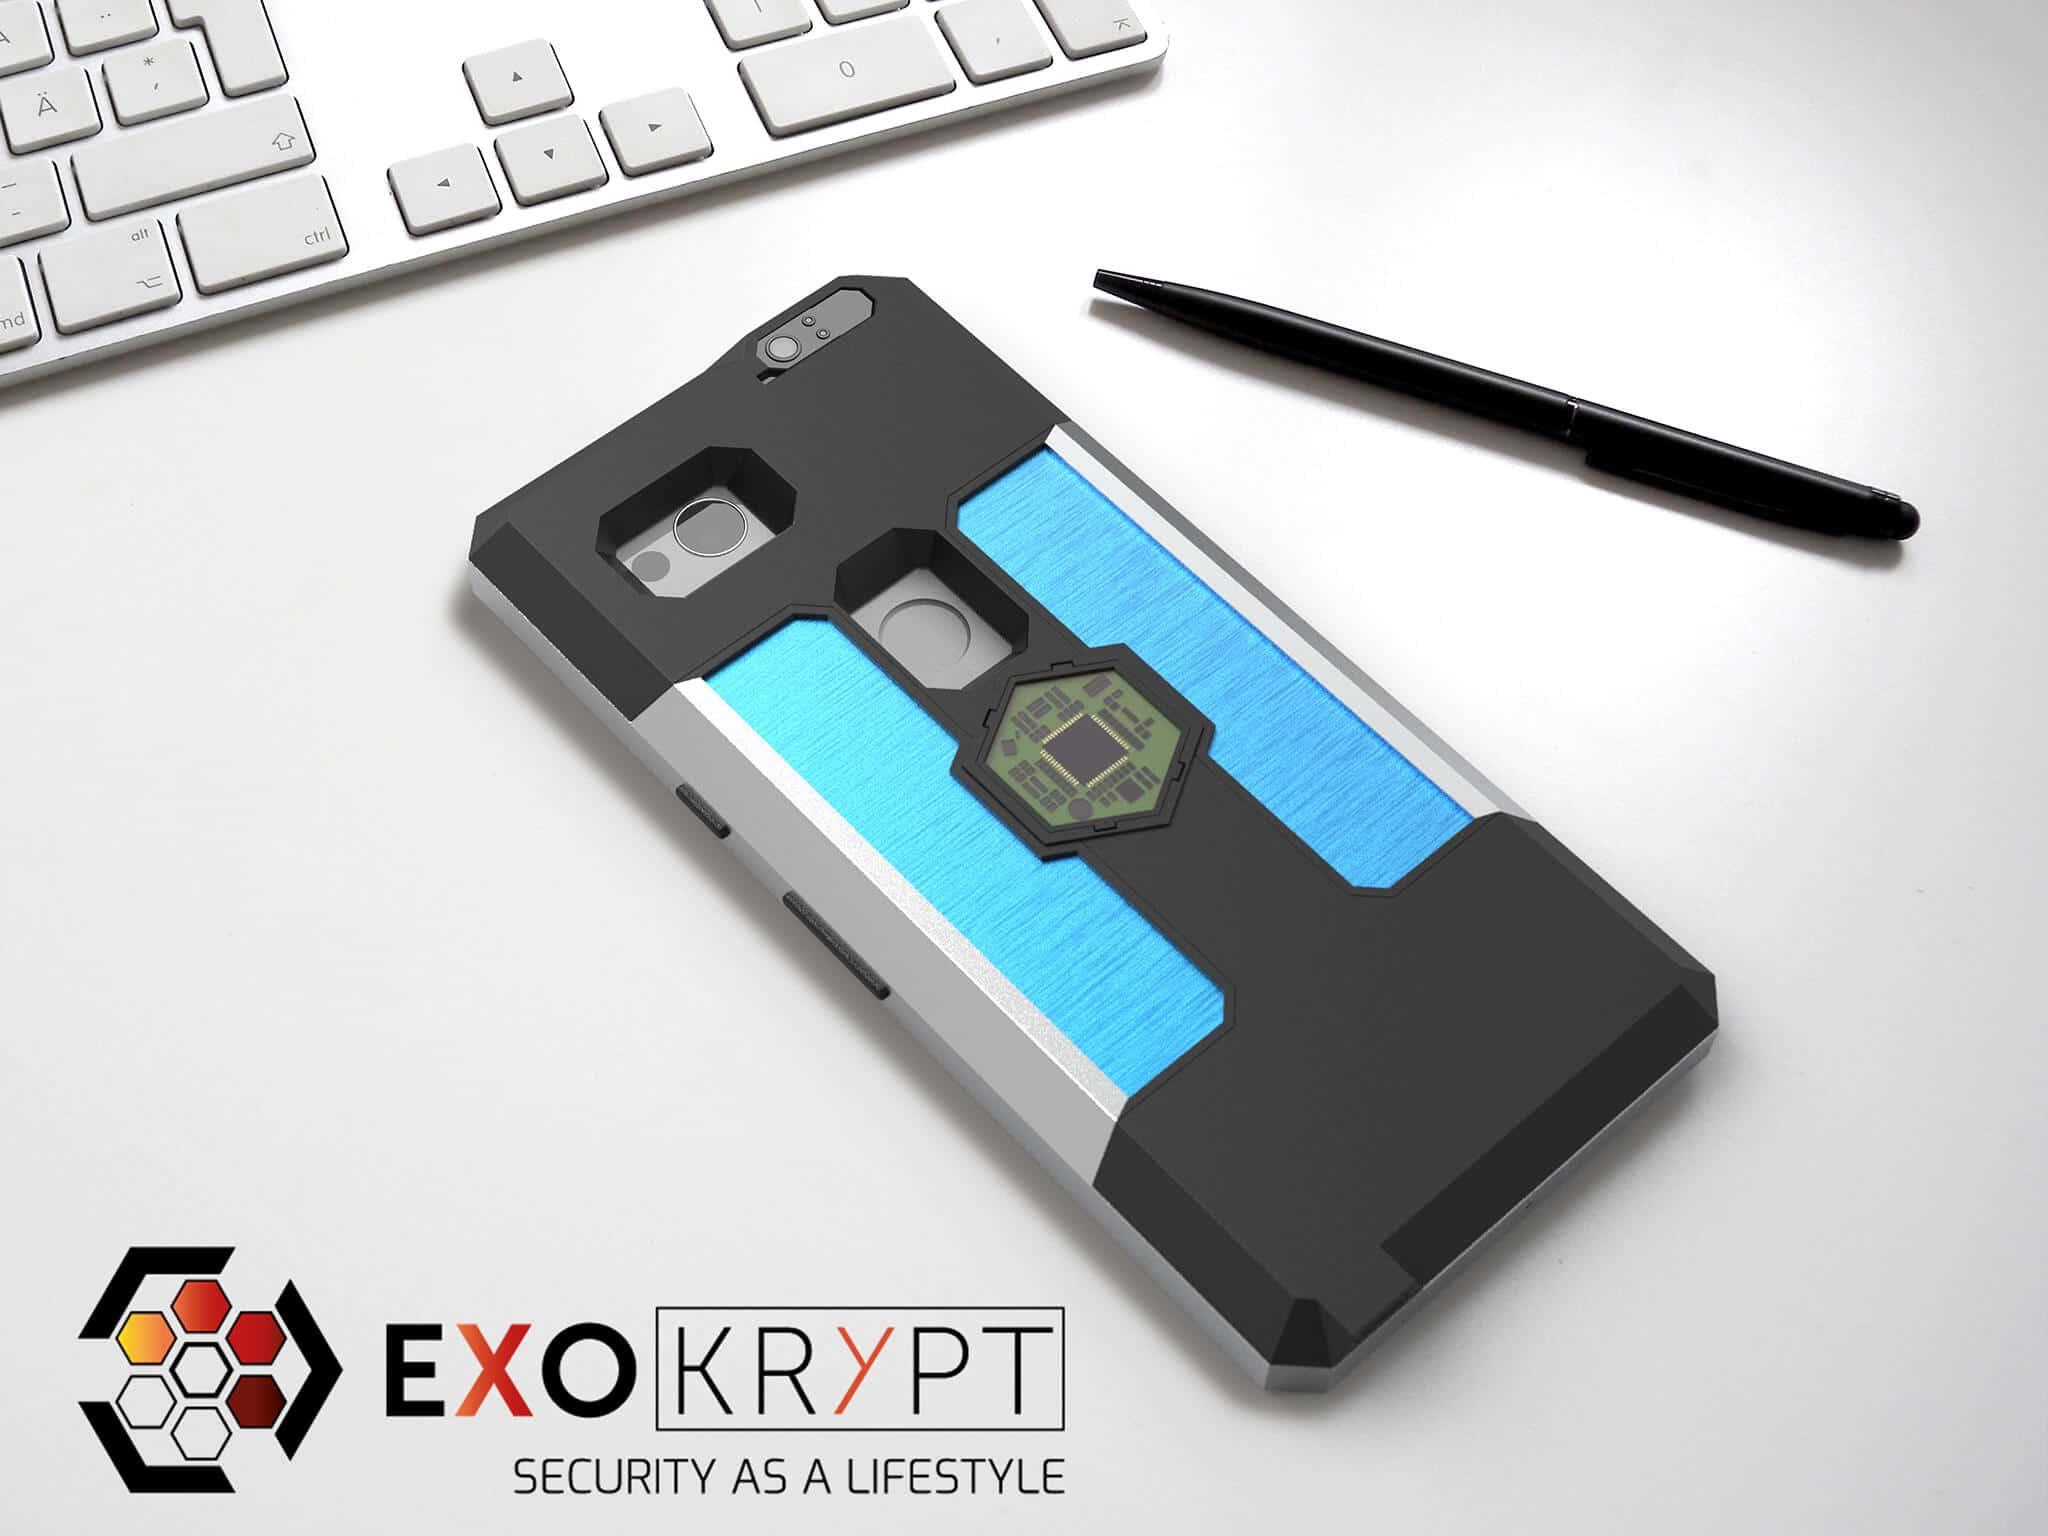 ExoShield BUSINESS Smartphone Case - Brushed Metal Frame - Türkise Alu Inlets auf einem Tisch auf einem Papierblatt liegend mit Kugelschreiber daneben, Mac Tastatur darüber